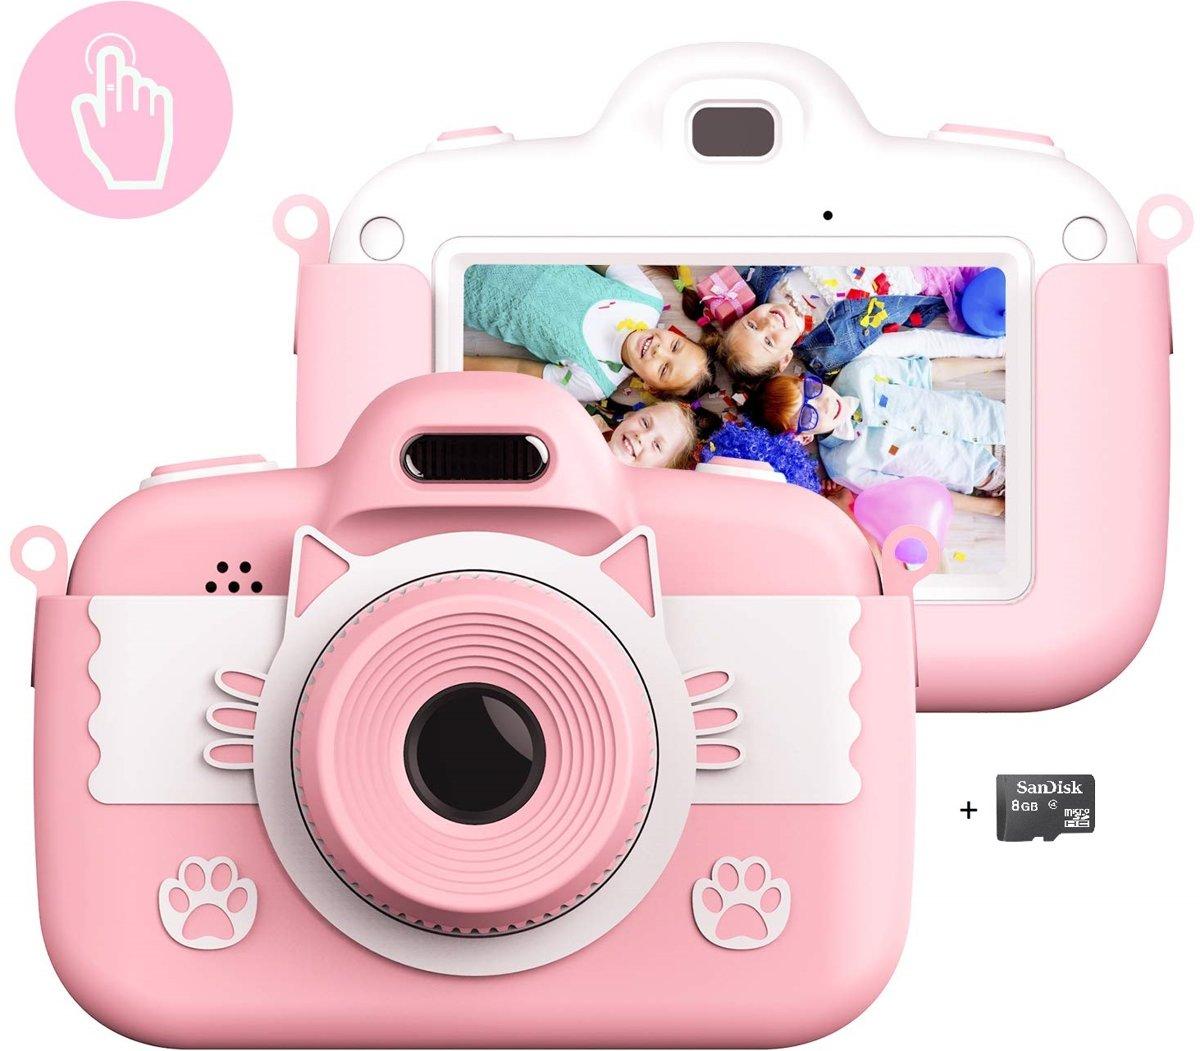 J.C. Toys | C4 | Kindercamera | 28.0 MP | Voor- en achtercamera | Autofocus | Touchscreen | Full HD 1080P | Roze + 8GB SD kaart